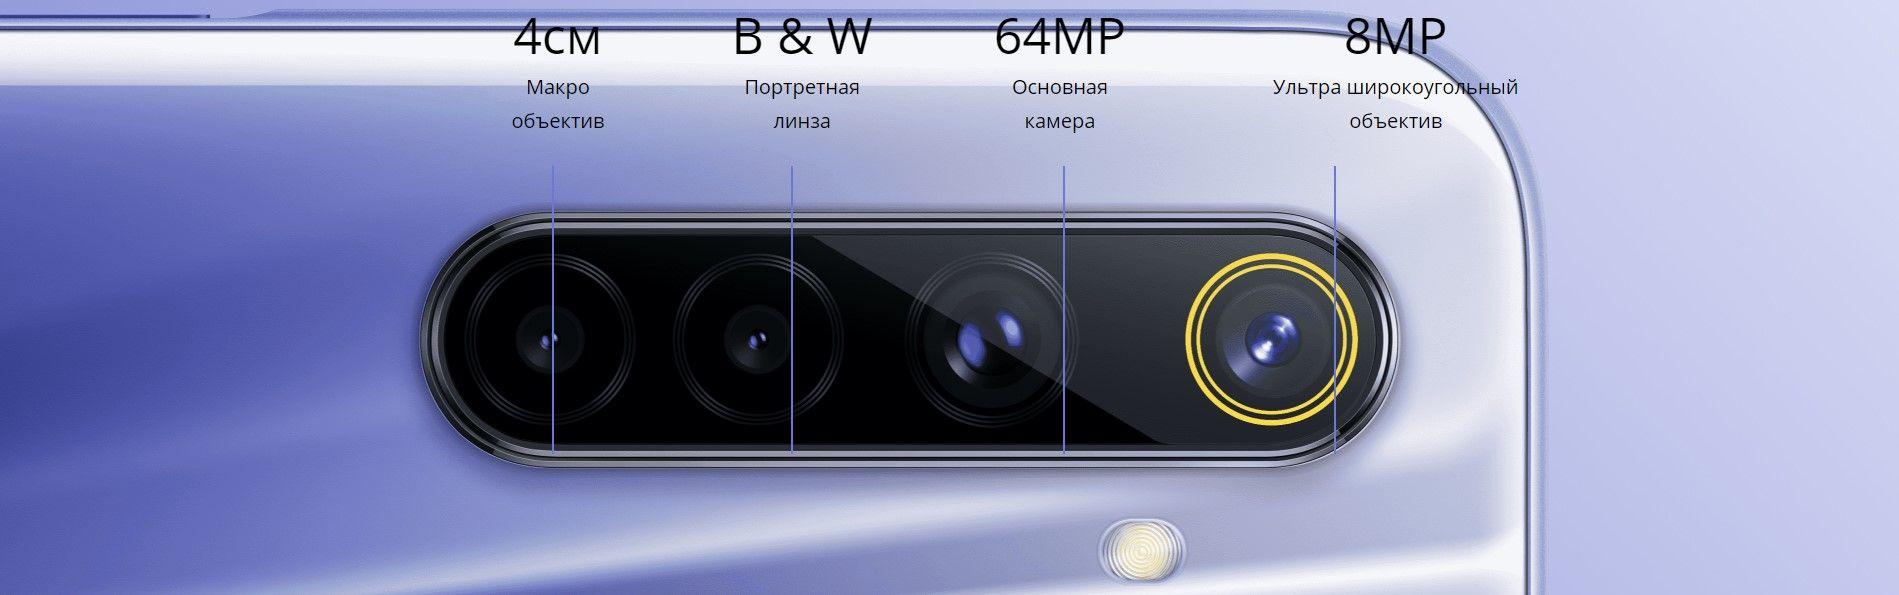 Realme 6 основные камеры